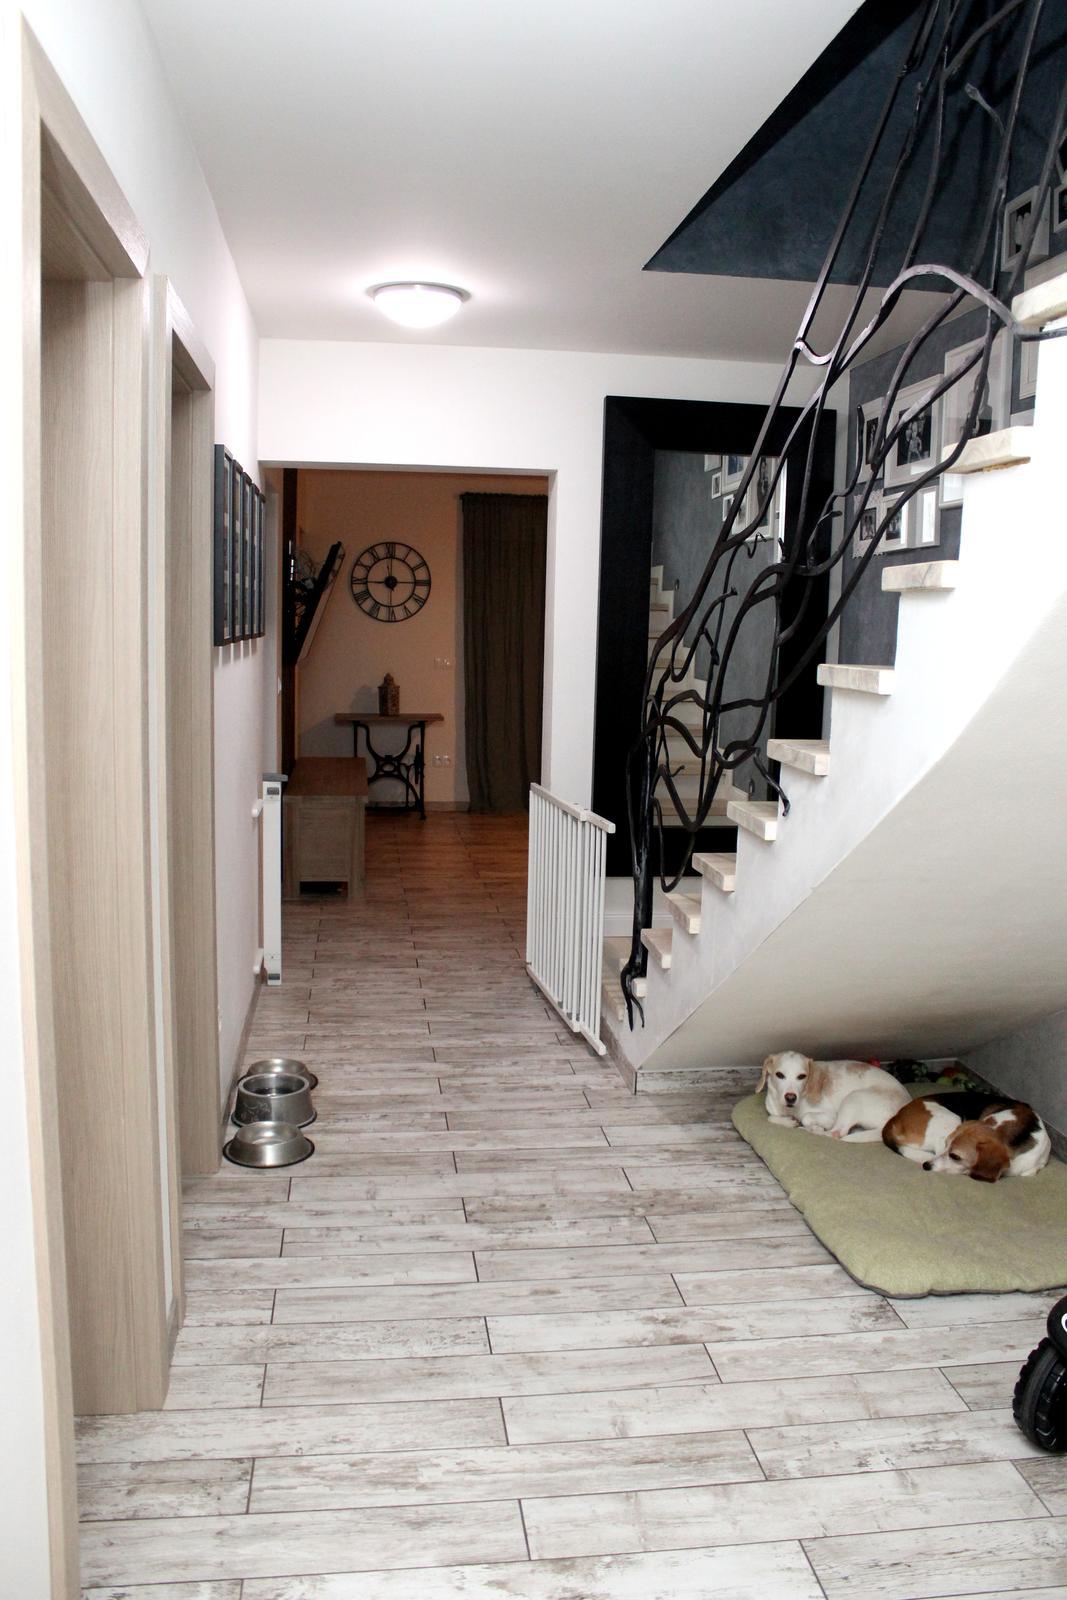 Finální podoba našeho bydlení ... i když člověk nikdy neví ;) - Obrázek č. 11